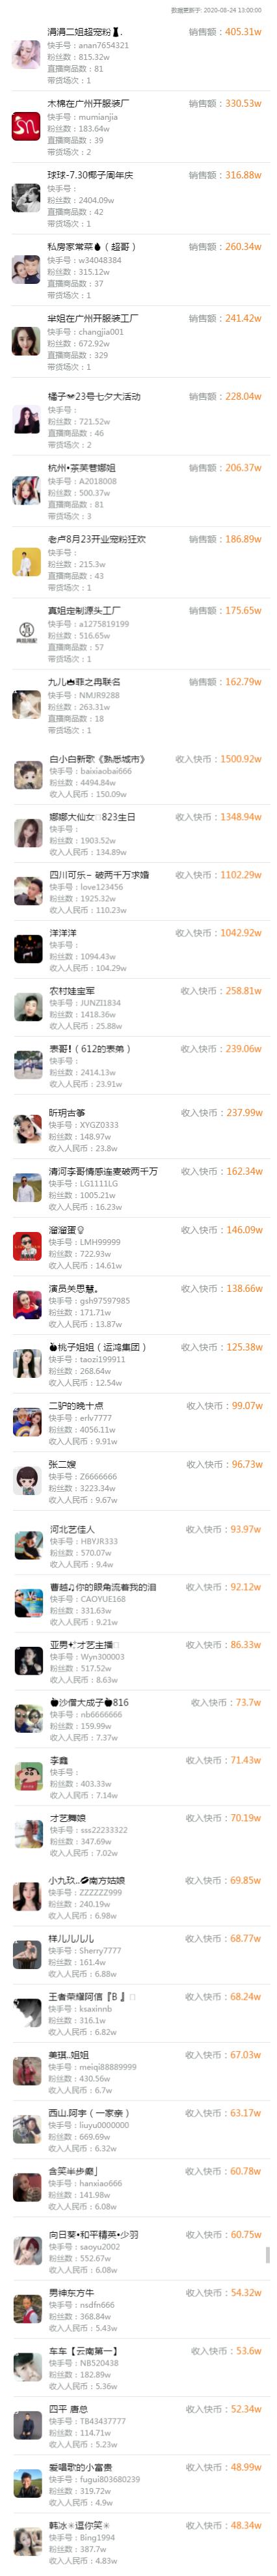 """东方阿保开播打破""""离世""""传言!宣传旗下新平台,号称3亿用户。李四掉出10w加遭嘲讽,呛声""""cnm""""!插图6"""